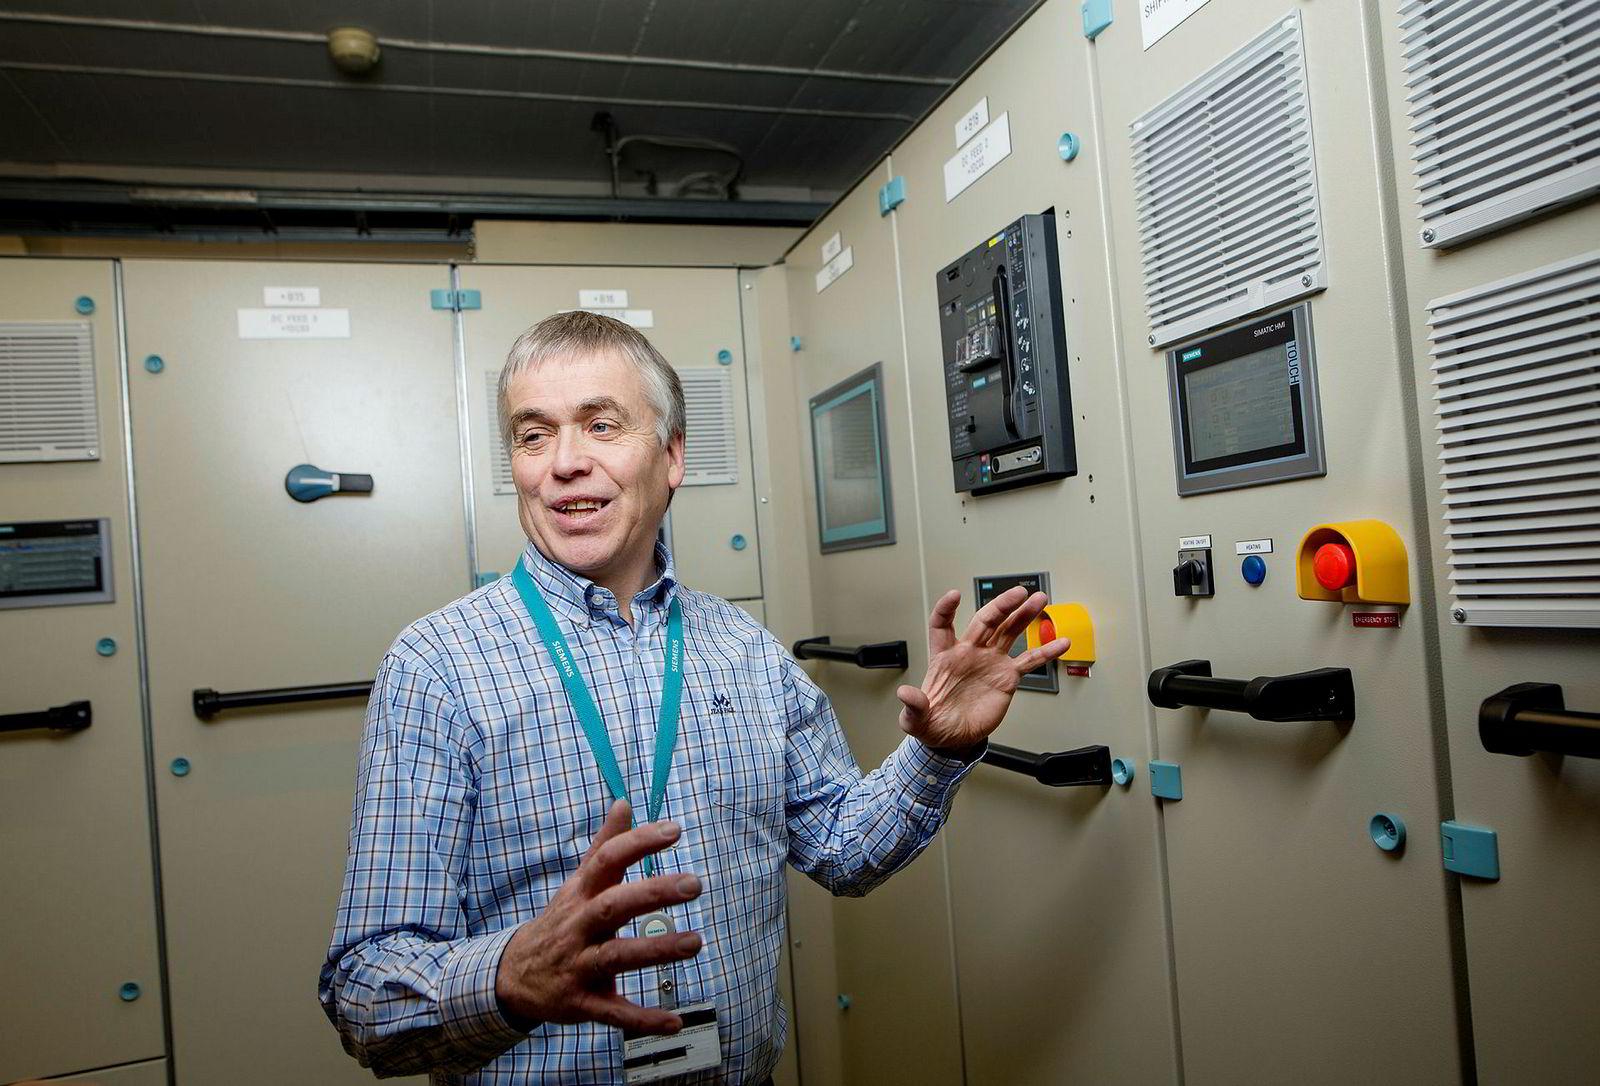 - Jeg har hele tiden fått lov til å utvikle meg og fylle på ryggsekken med nye ting jeg lærer, sier Lars Barstad, som har jobbet med teknologiutvikling i Siemens siden 1985.